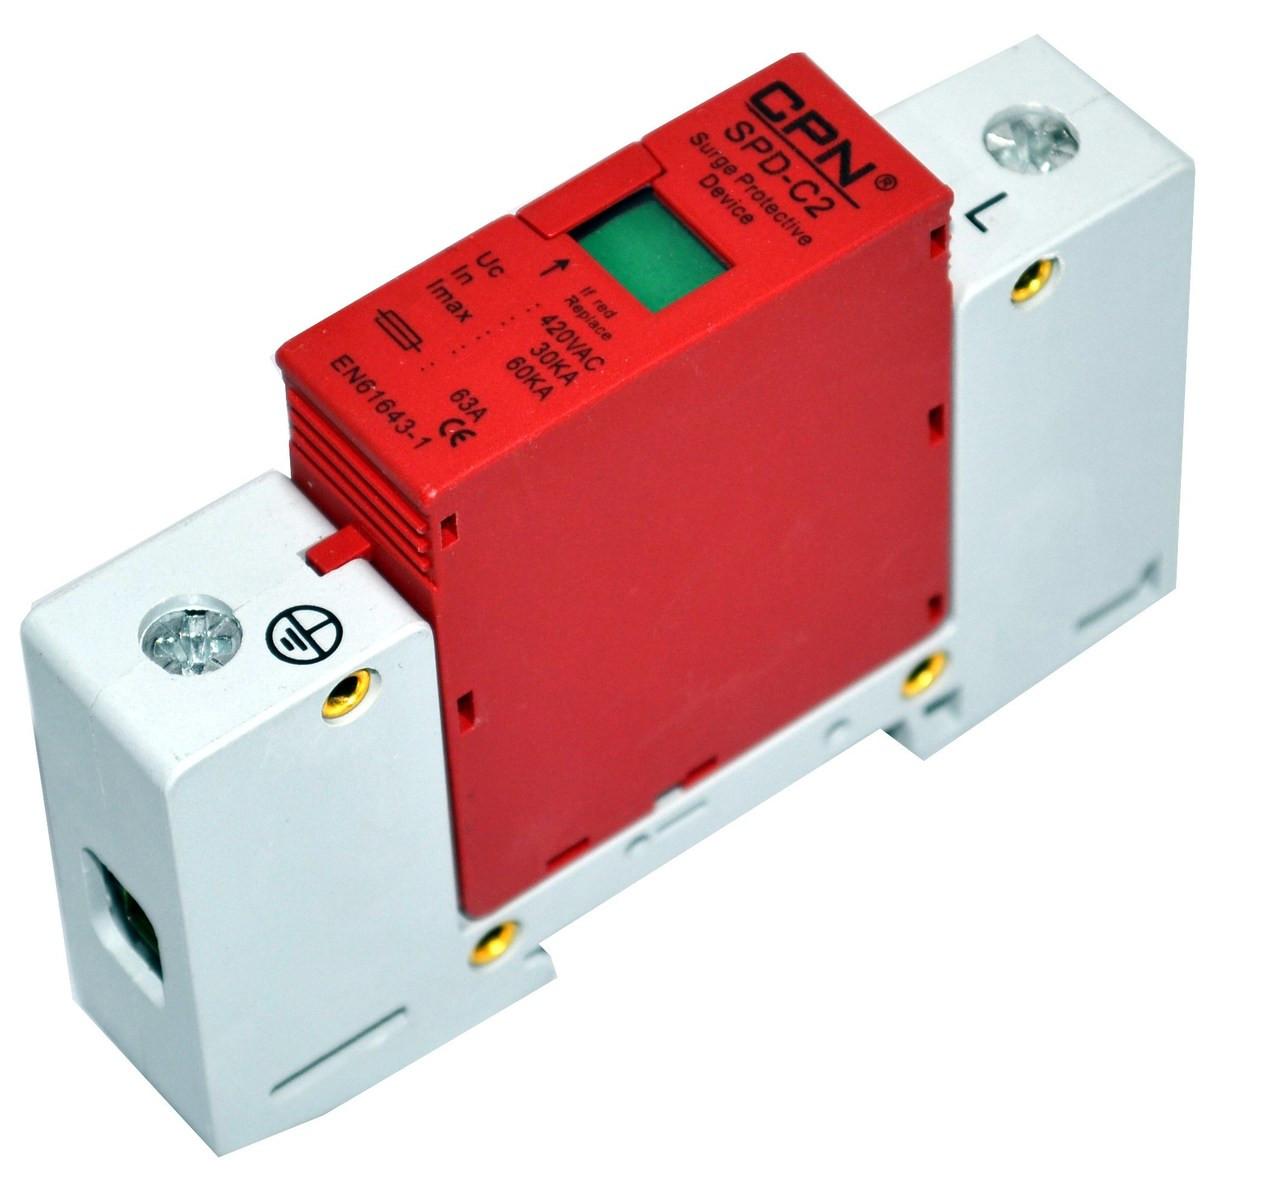 1 Pole Class 2 Surge Protection Device (DFL3SPD-1PC2)